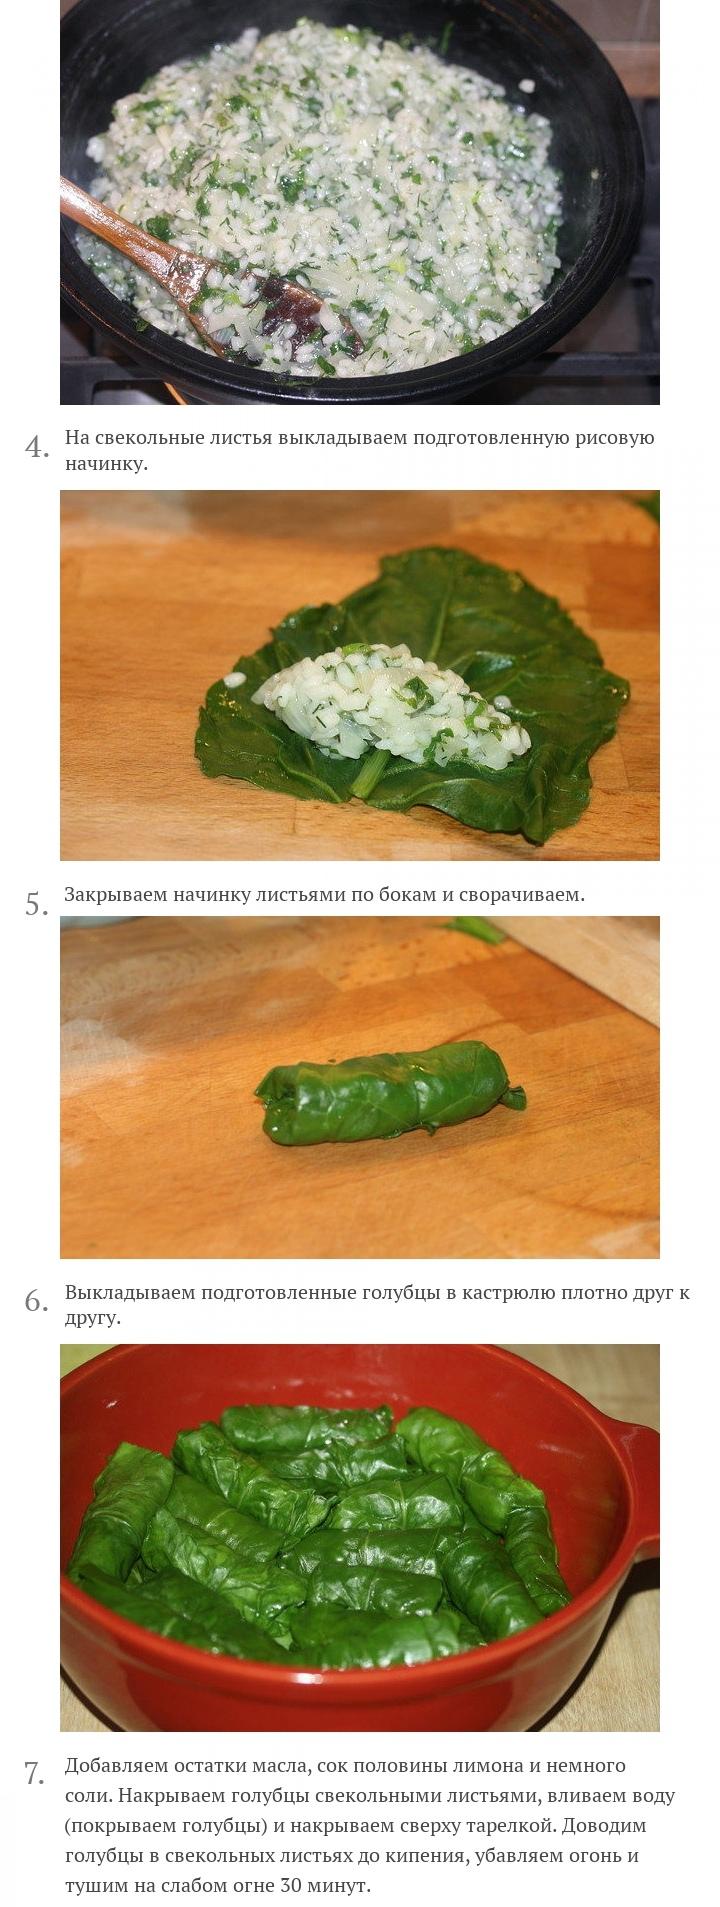 Голубцы с рисом в свекольных листьях, изображение №3